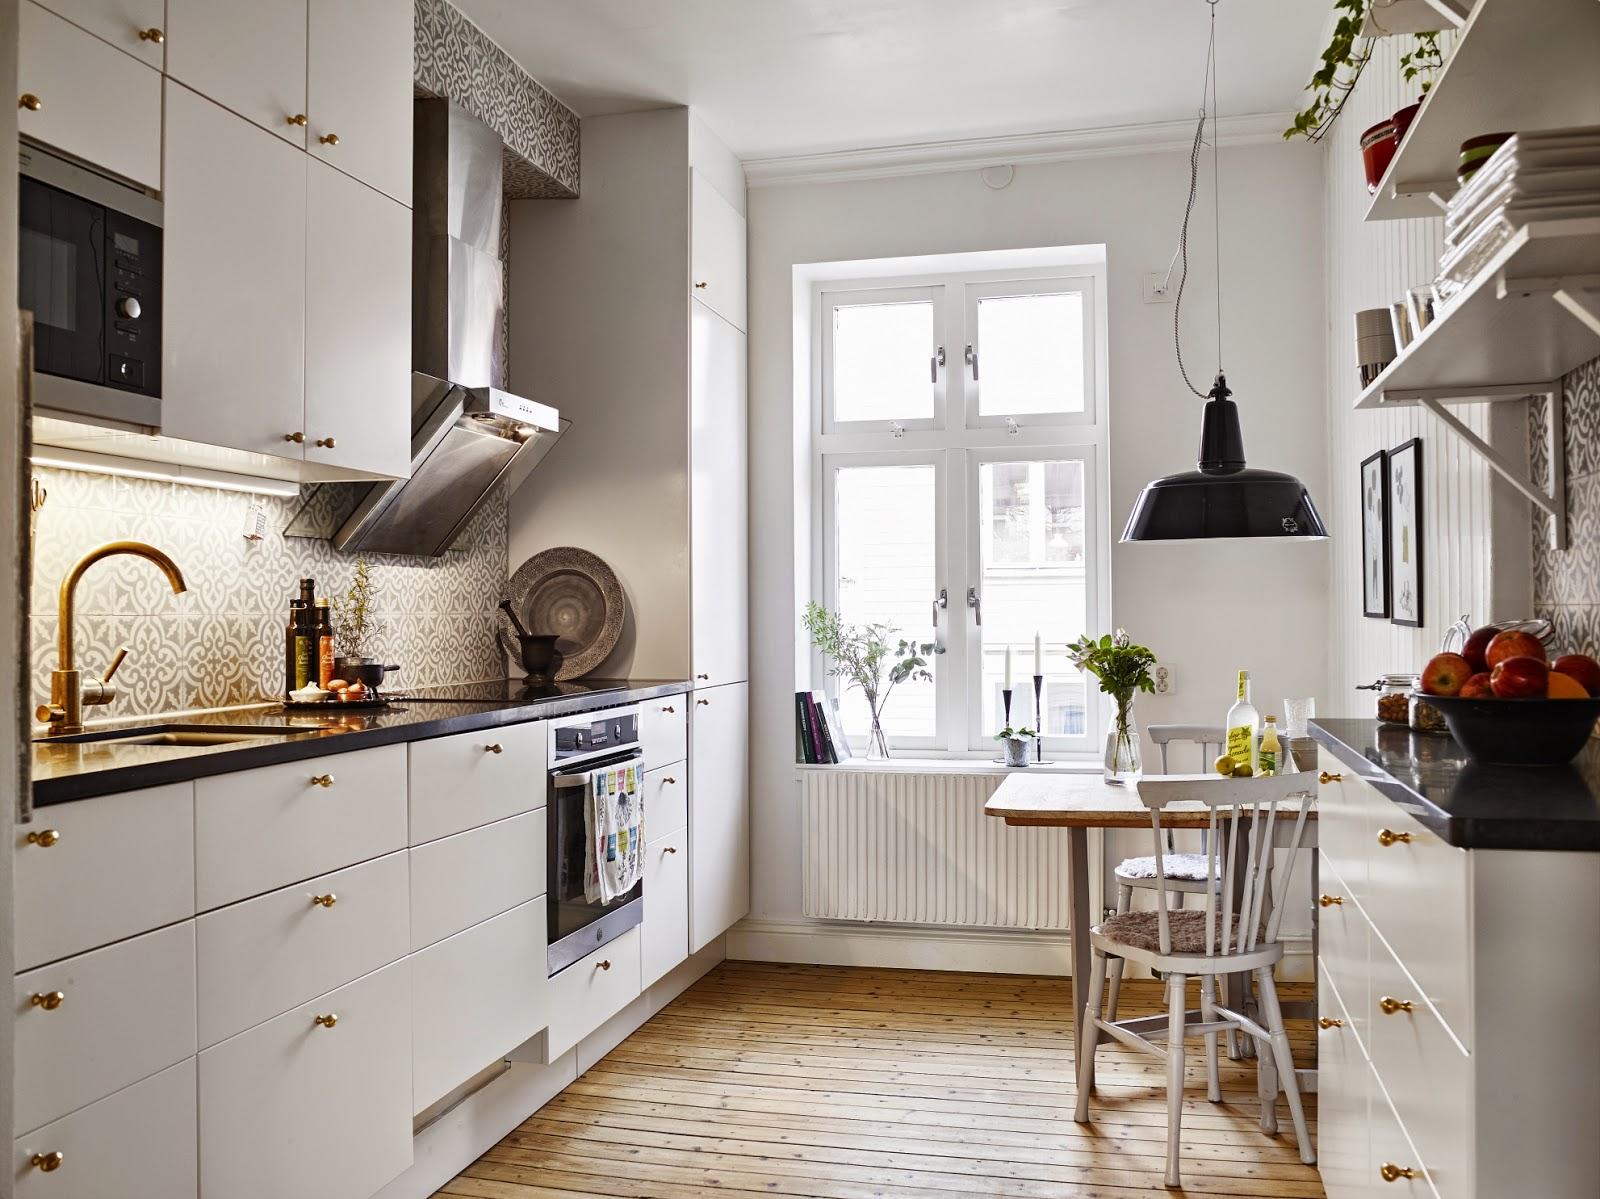 la silla danesa o silla estilo windsor nos tiene enamorados es perfecta para todos los espacios